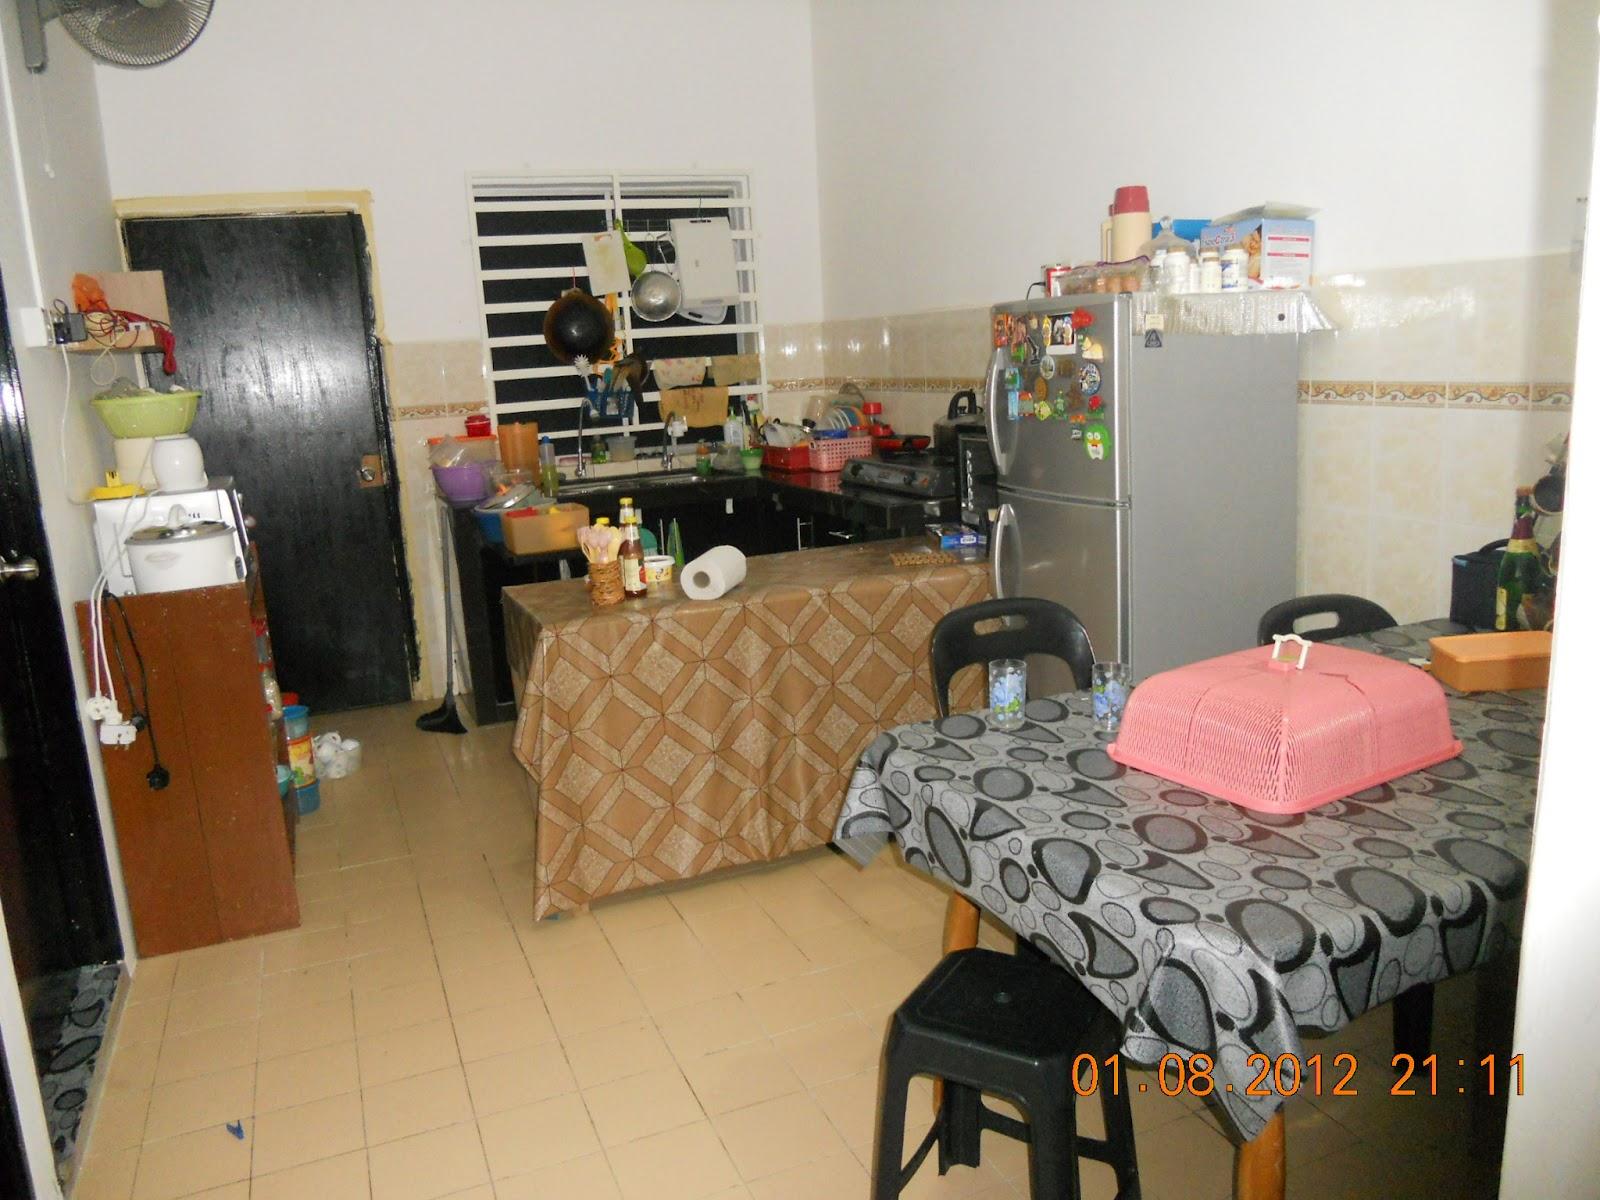 Susunatur Baru Angah Alifah S Anatomy Ww 12 Dapur Impian Perdana Telah Diubahsuai